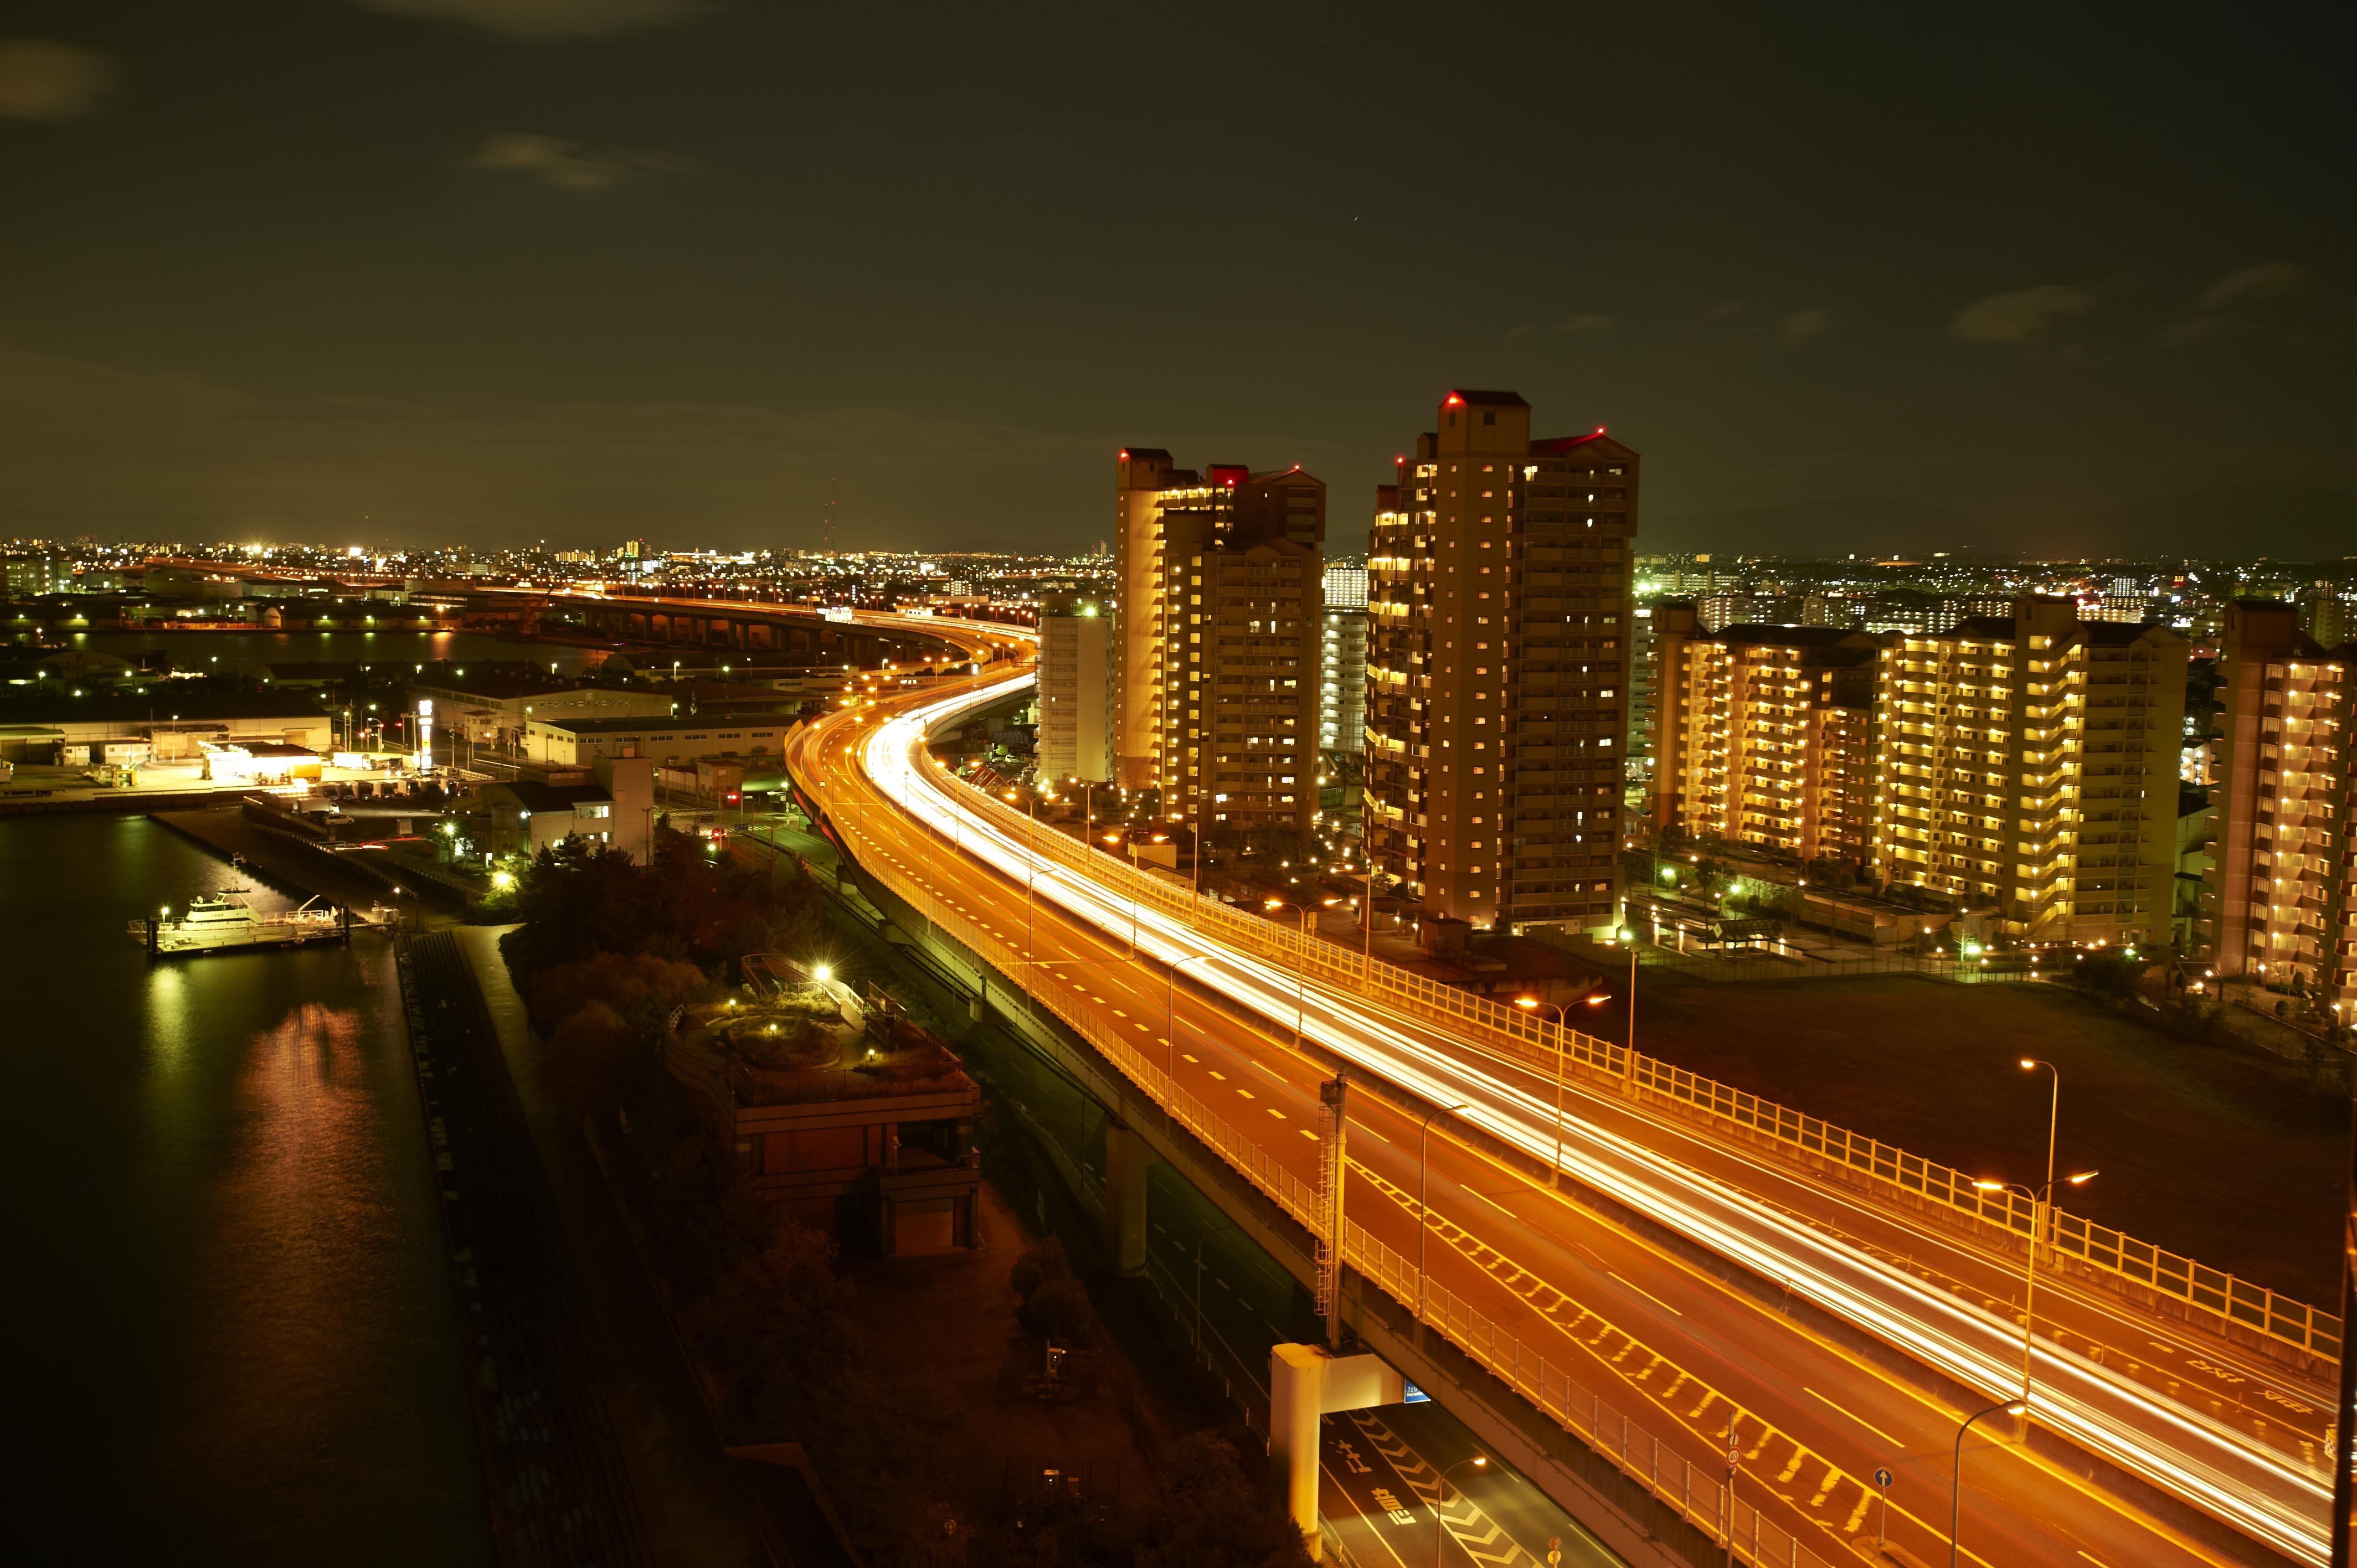 阪神高速道路4号湾岸線の明かりの向こうに広がる大阪湾沿岸の街明かり